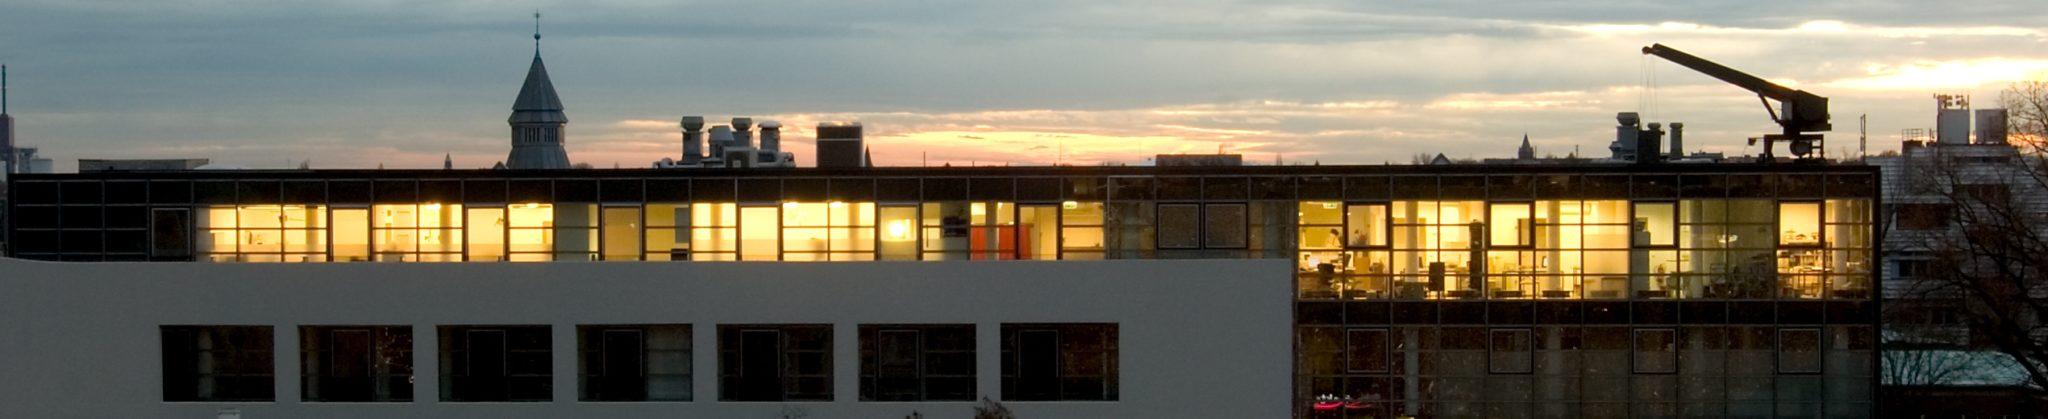 Bild: Panoramaaufnahme der Kliniketage bei Nacht